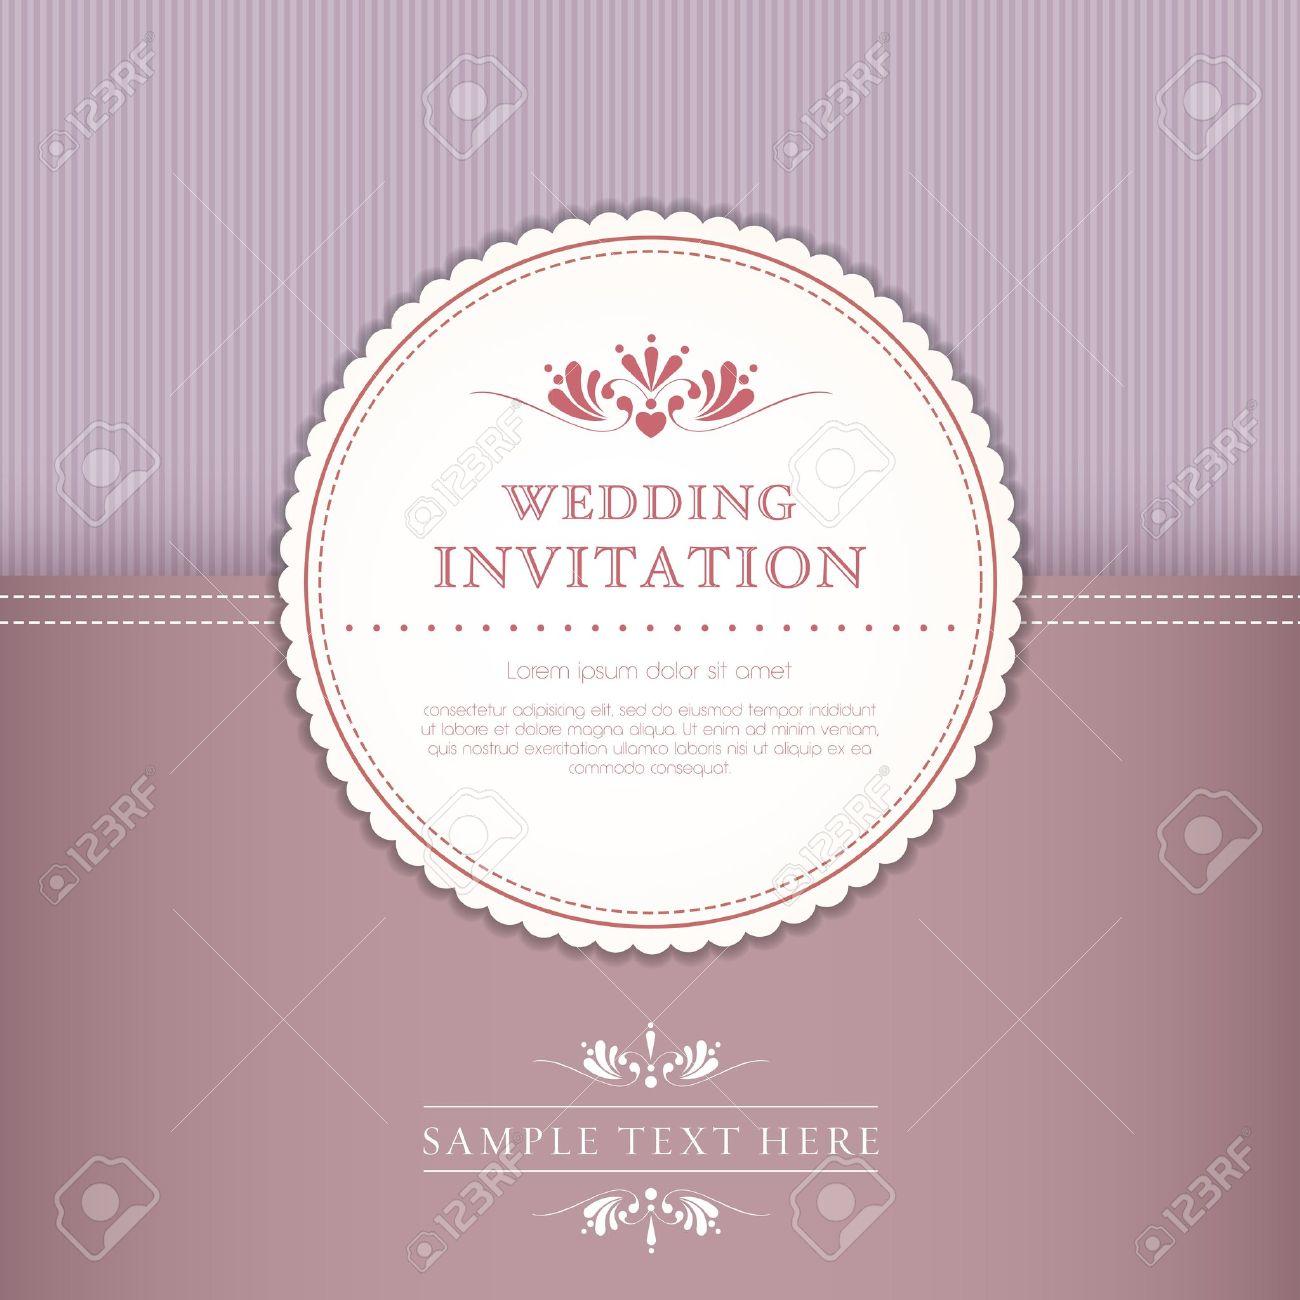 Hochzeit Karte Oder Einladung Mit Floral Ornament Hintergrund. Perfekt Als  Einladung Oder Ankündigung Lizenzfreie